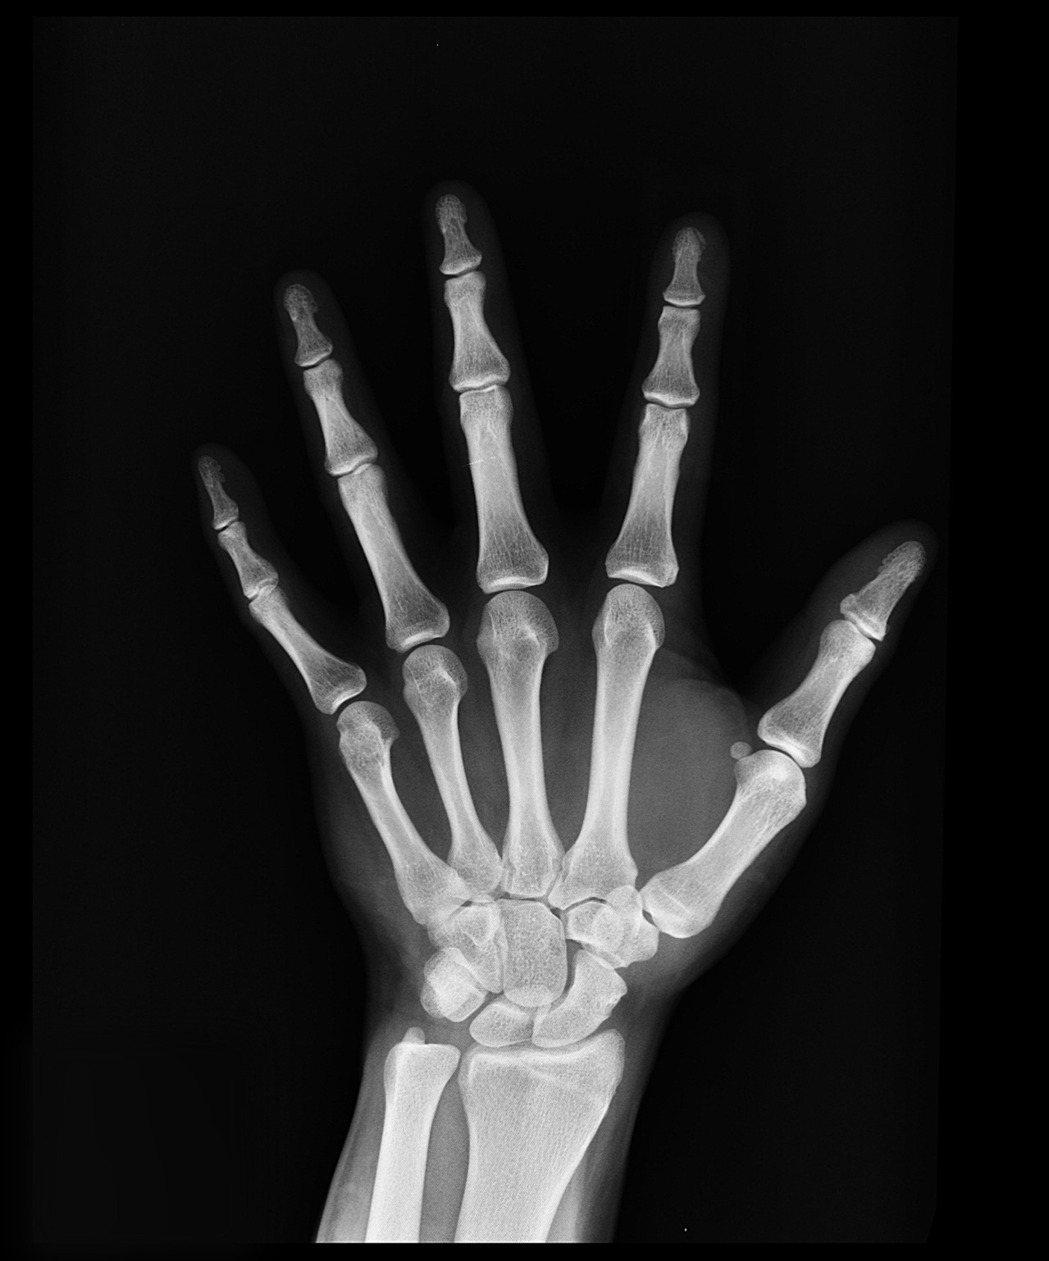 隨著年齡老化,關節炎、骨質疏鬆或骨折是不少長輩共同的痛,當今用藥、手術與各種治療...